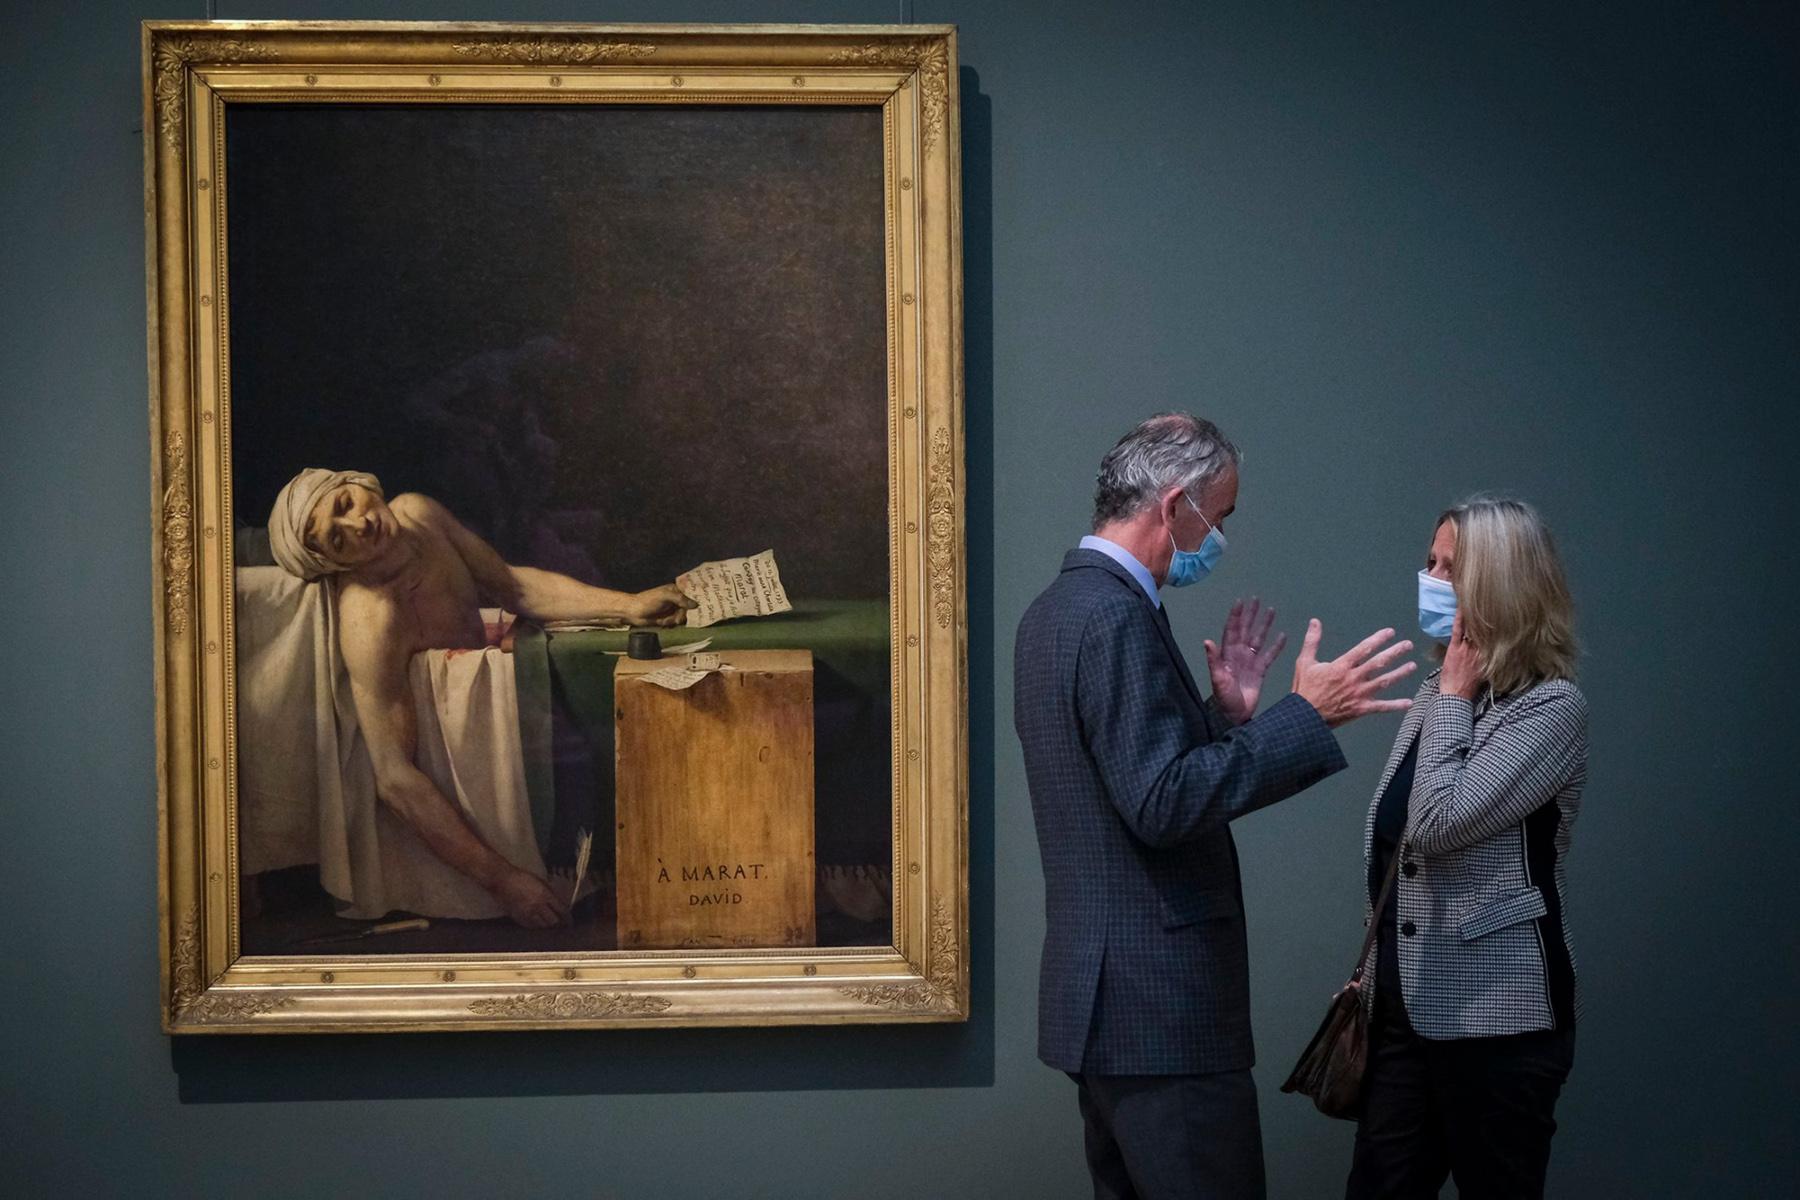 """Επισκέπτες με προστατευτικές μάσκες στέκονται δίπλα στον πίνακα του Ζακ-Λουί Νταβίντ (1793) """"Ο Θάνατος του Μαρά"""",   του δολοφονημένου Γάλλου επαναστάτη ηγέτη Jean-Paul Marat,  στο Βασιλικό Μουσείο Καλών Τεχνών στις Βρυξέλλες 19 Μαΐου 2020"""